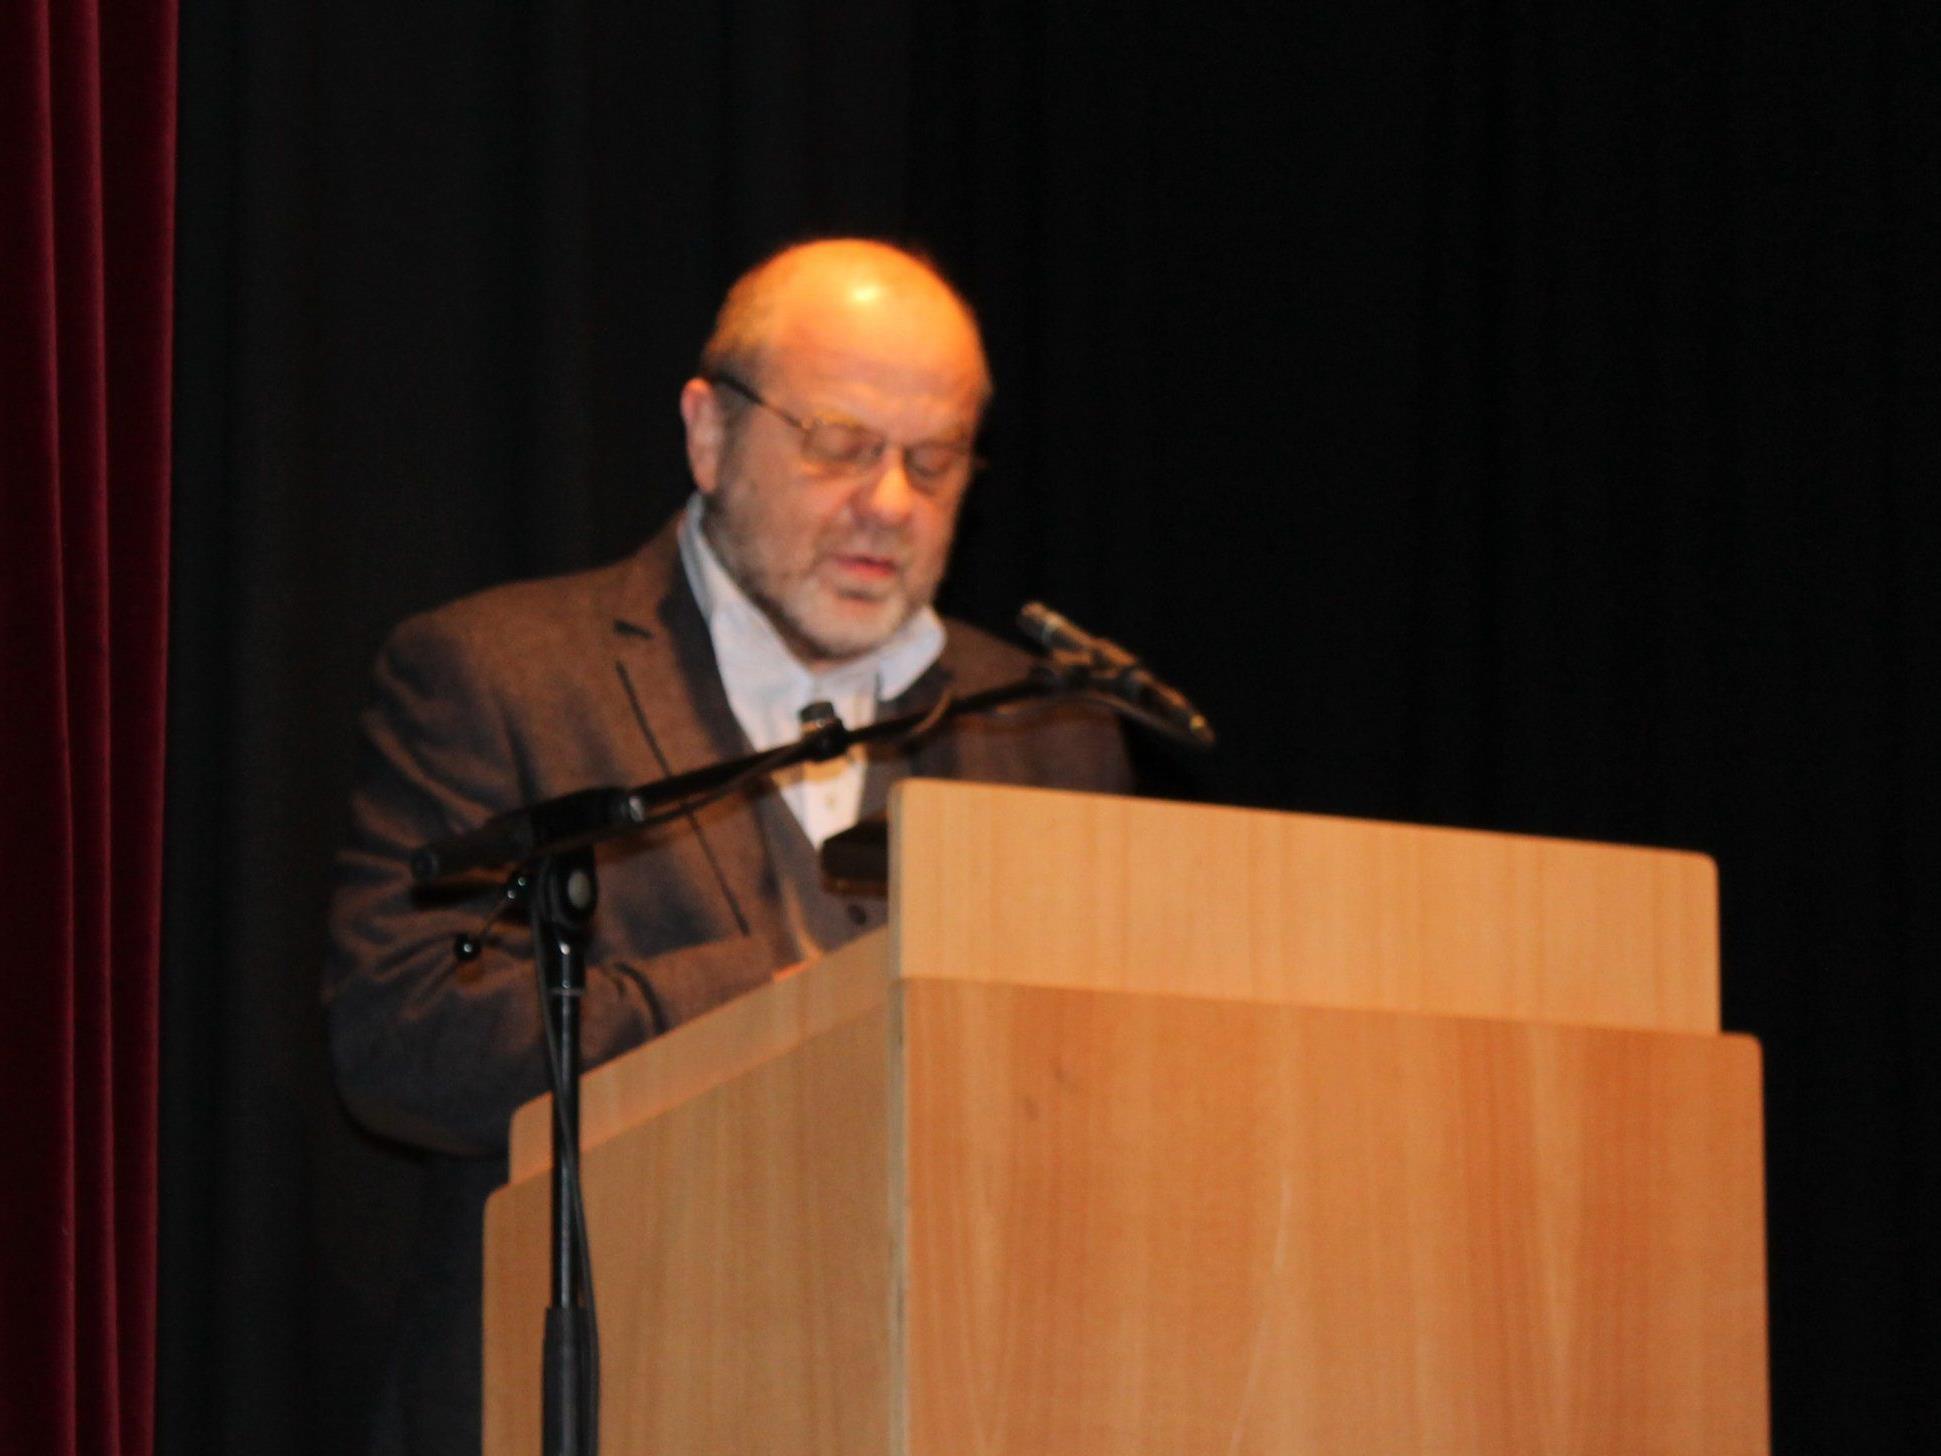 Univ. Doz. Helmut Alexander referierte über die Kirche im 20. jahrhundert in Bludenz